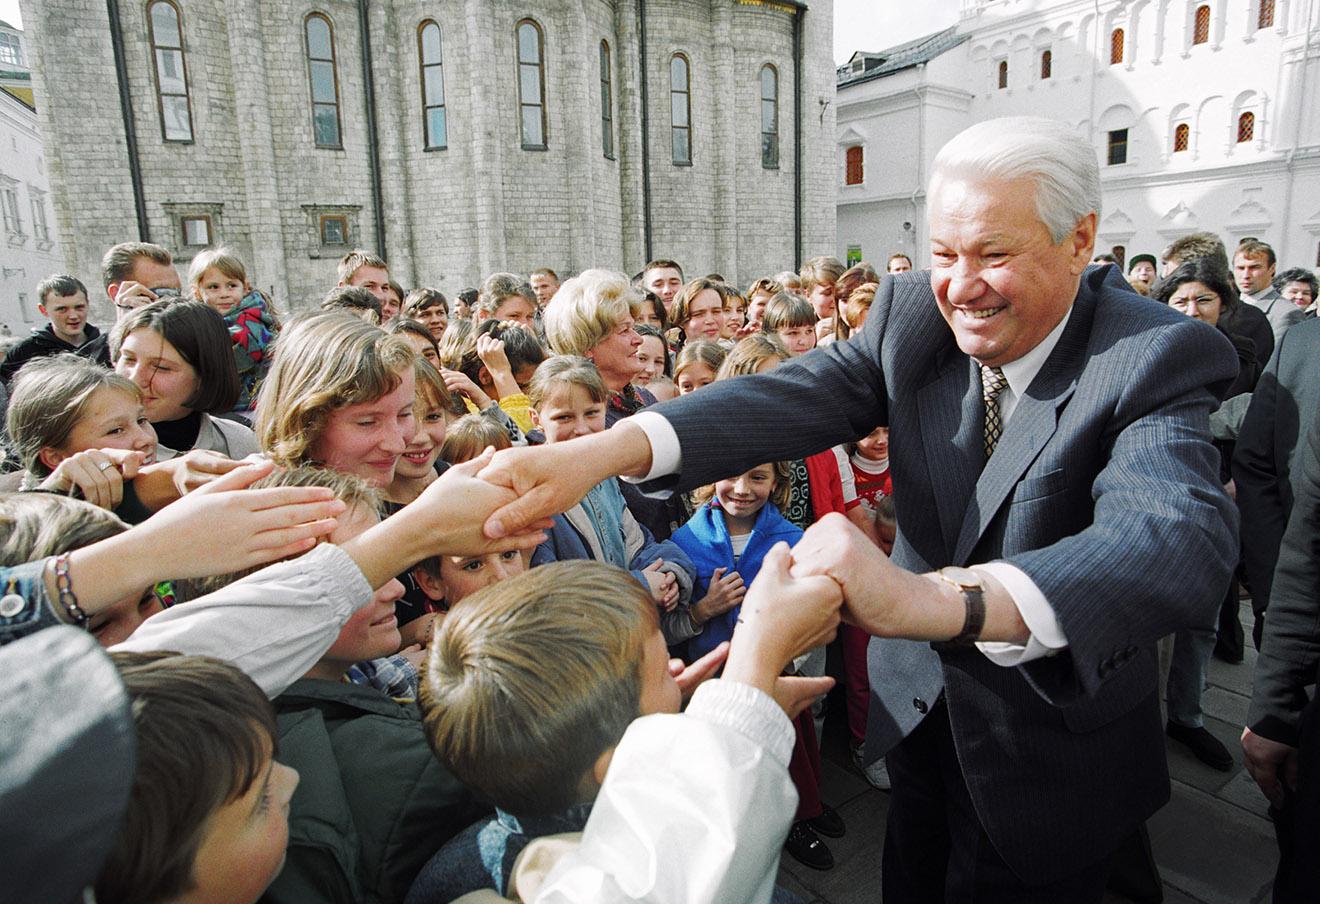 Борис Ельцин во время встречи с детьми на Соборной площади Московского Кремля, 1997 год.